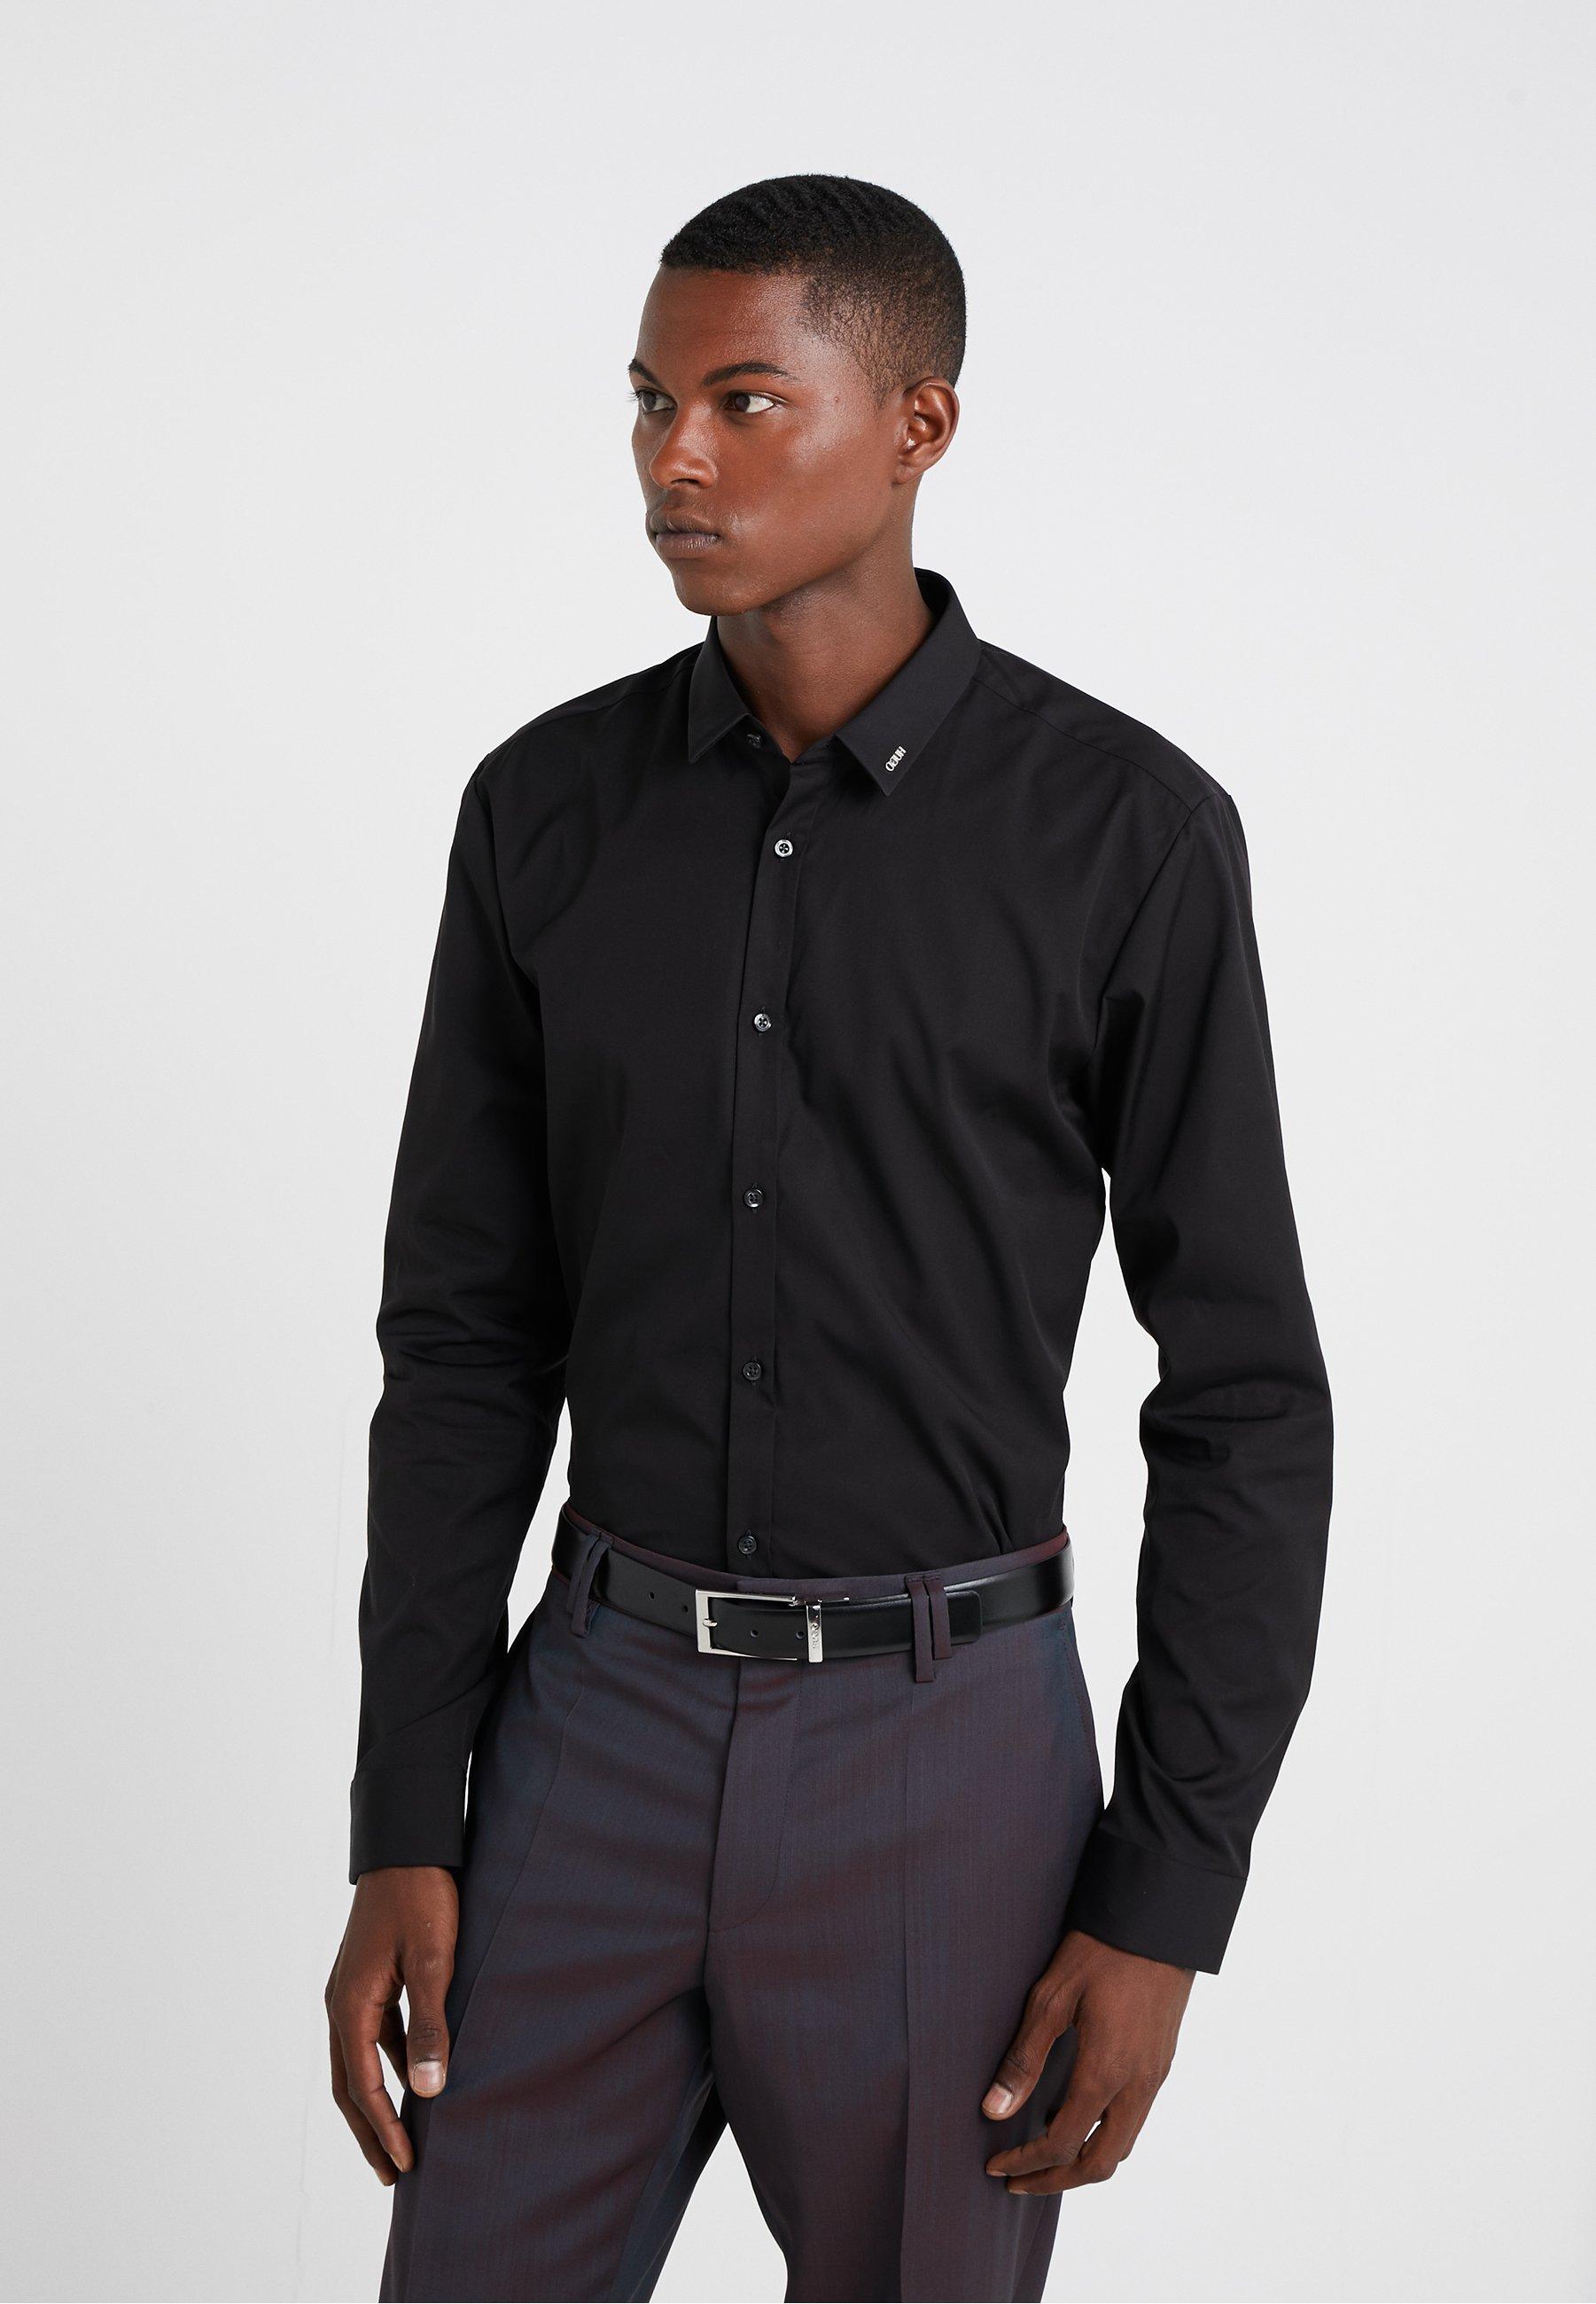 Slim FitChemise Classique Ero Hugo Black Extra 35qRj4AL